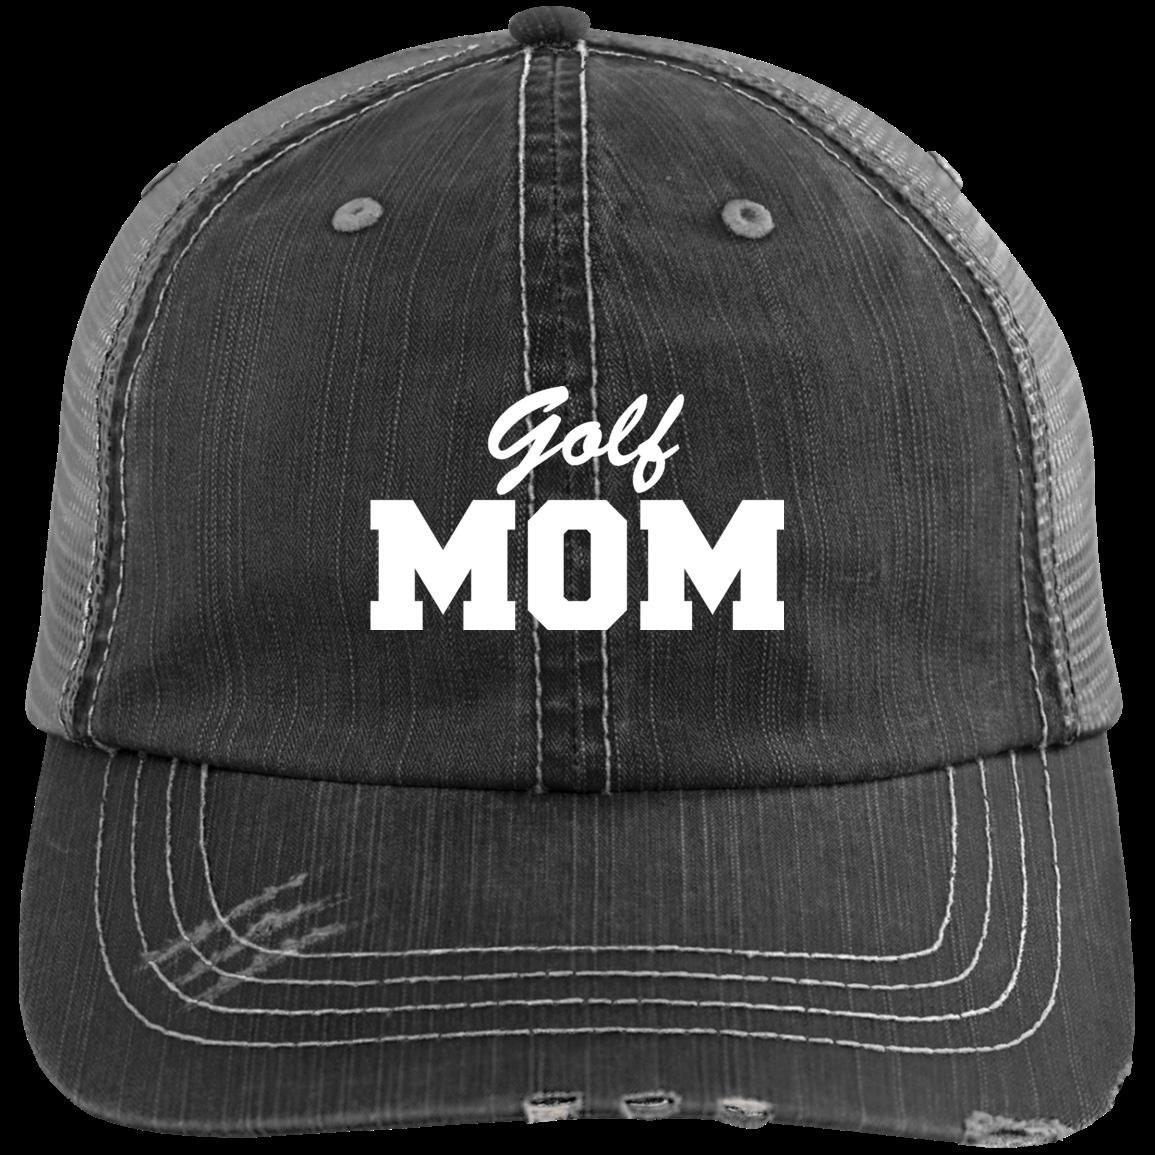 Golf Mom Hat